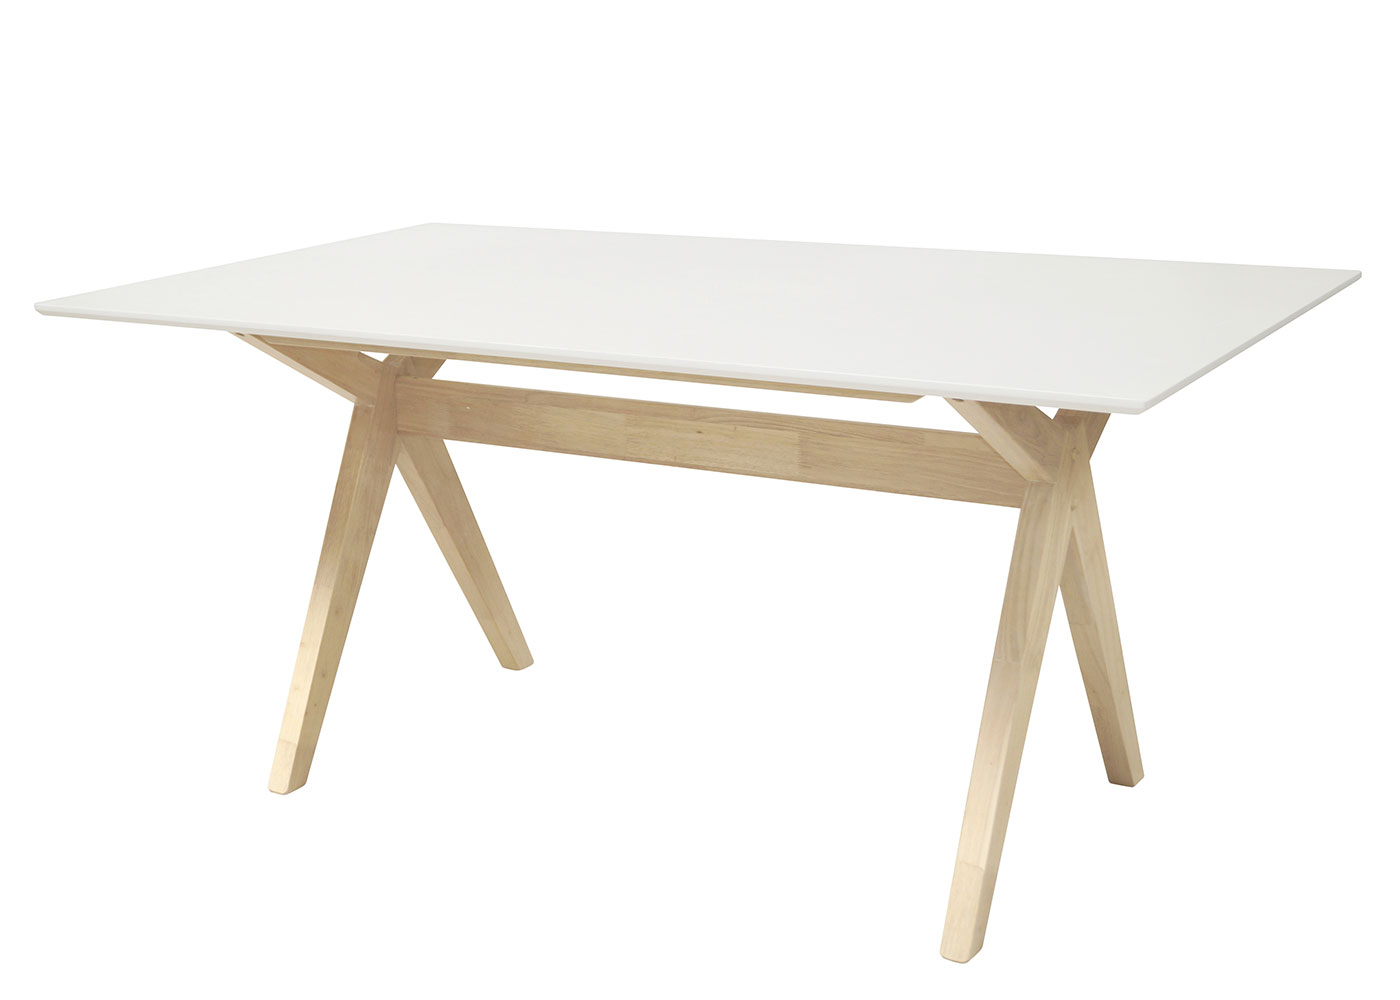 Jedálenský stôl Crossed, 160 cm, drevo / biela